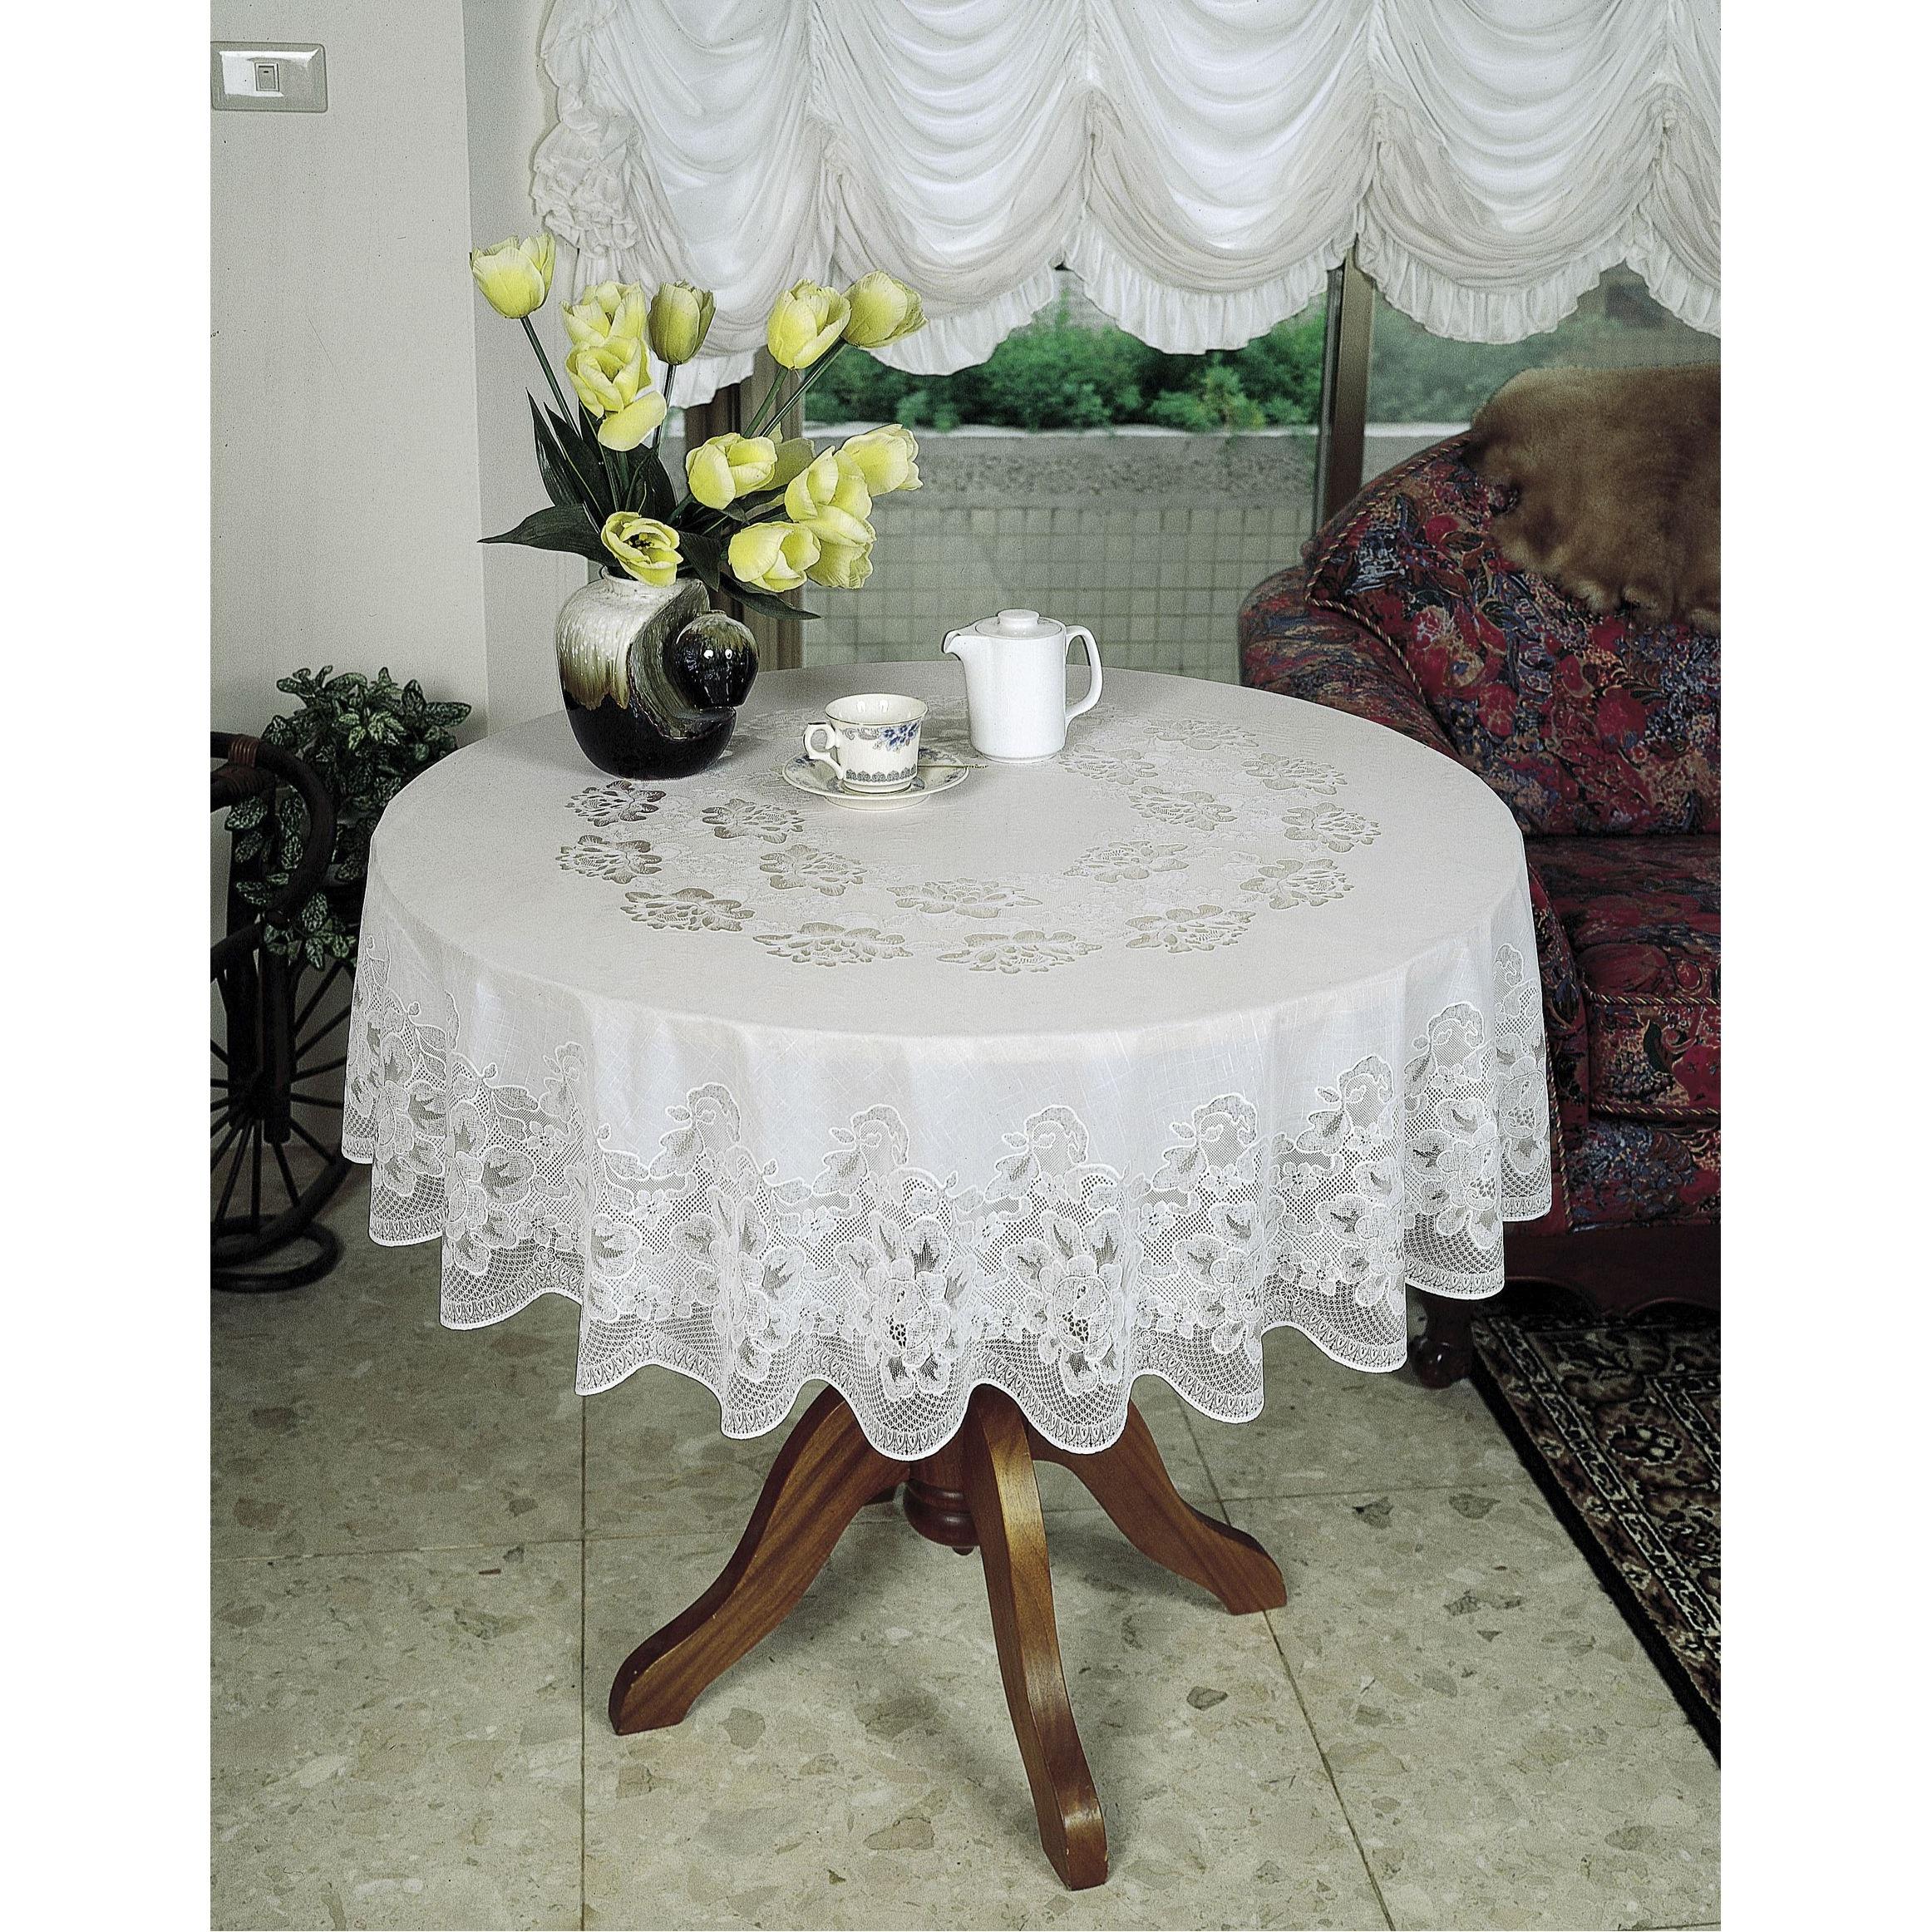 vinyl tischtuch tischdecke mit spitzenmuster rund wasserfest ebay. Black Bedroom Furniture Sets. Home Design Ideas